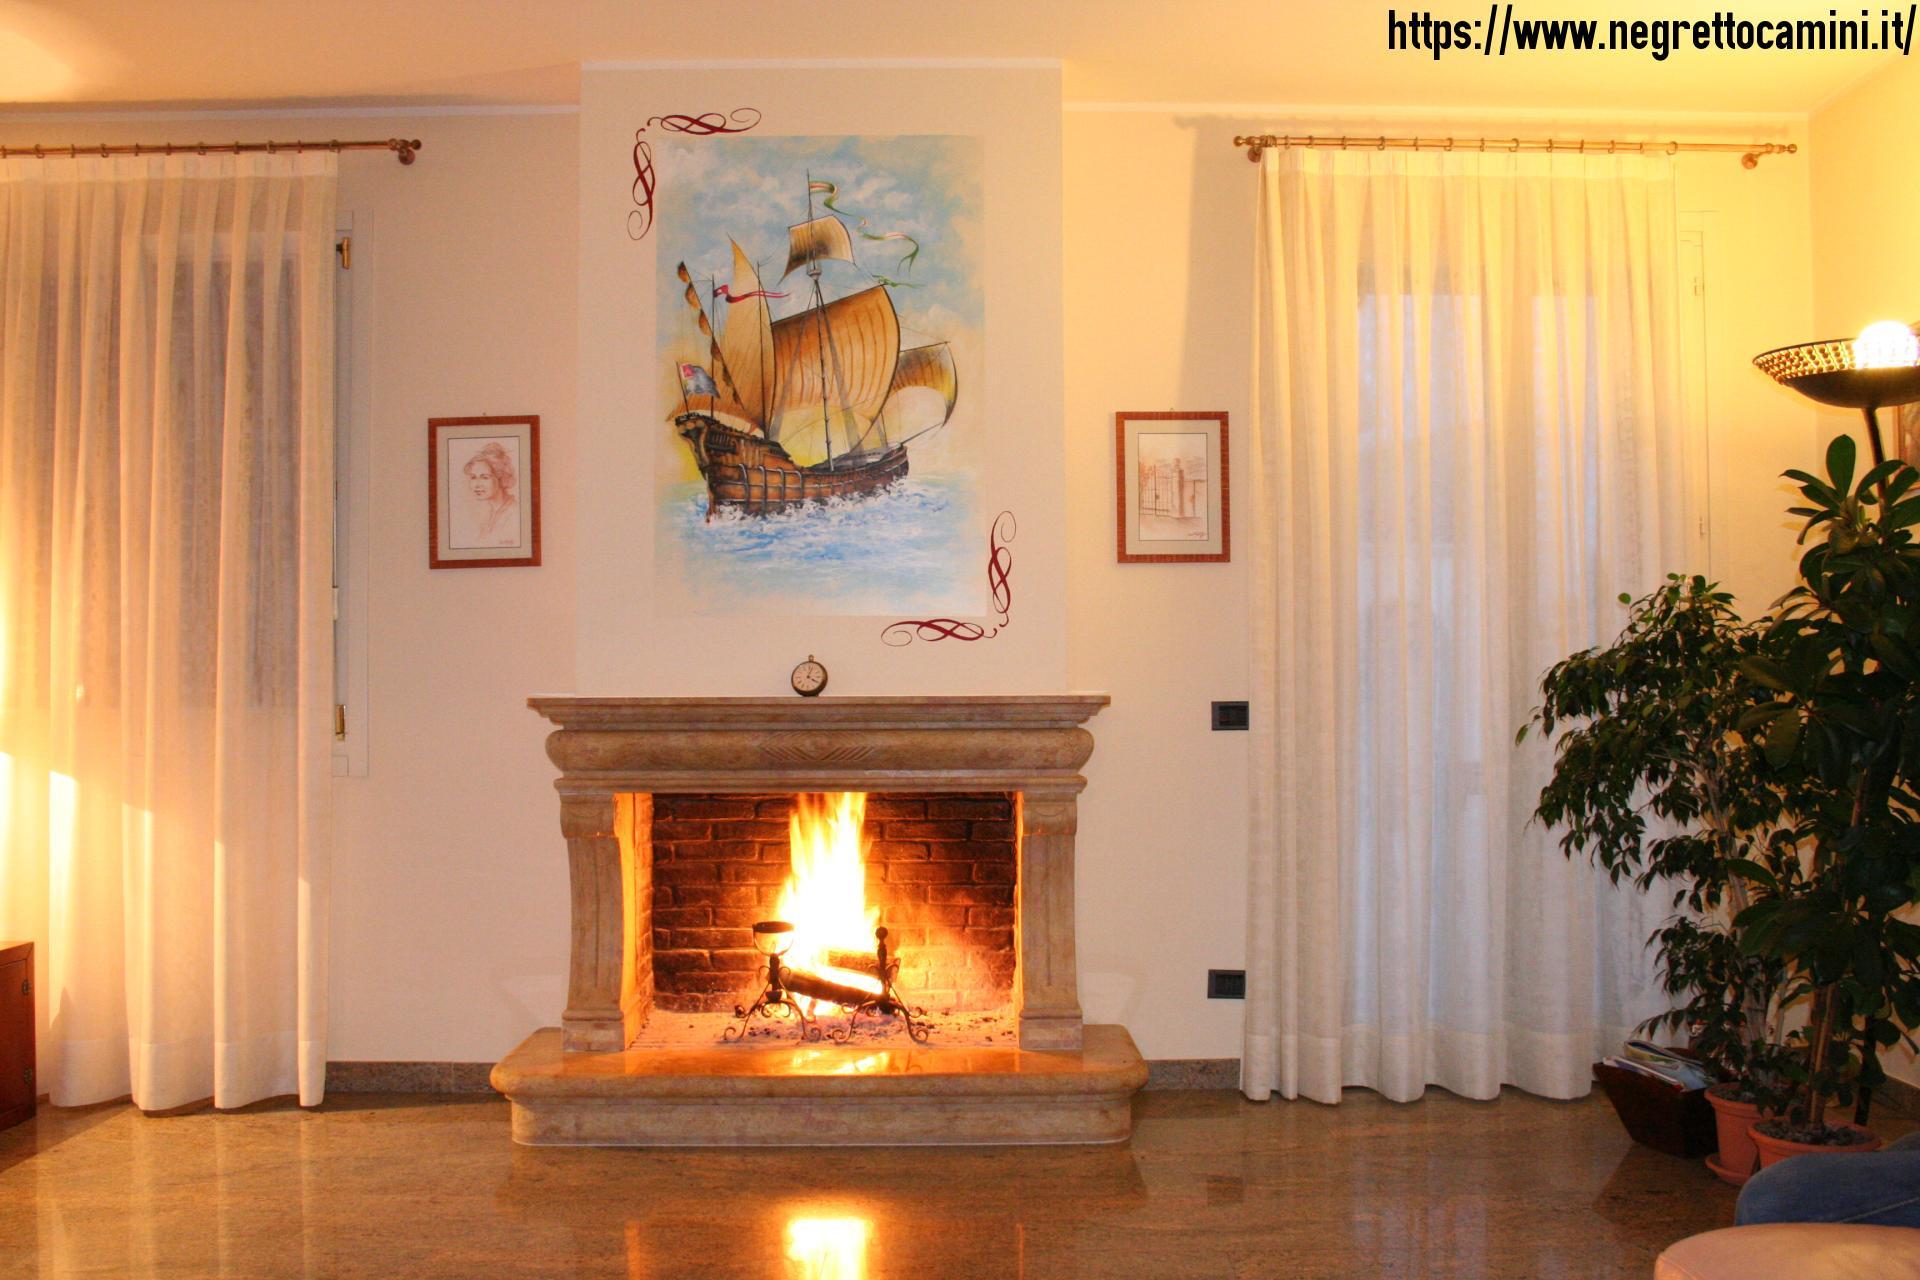 Camino Classico In Marmo camino in marmo giallo reale | negretto camini d'autore